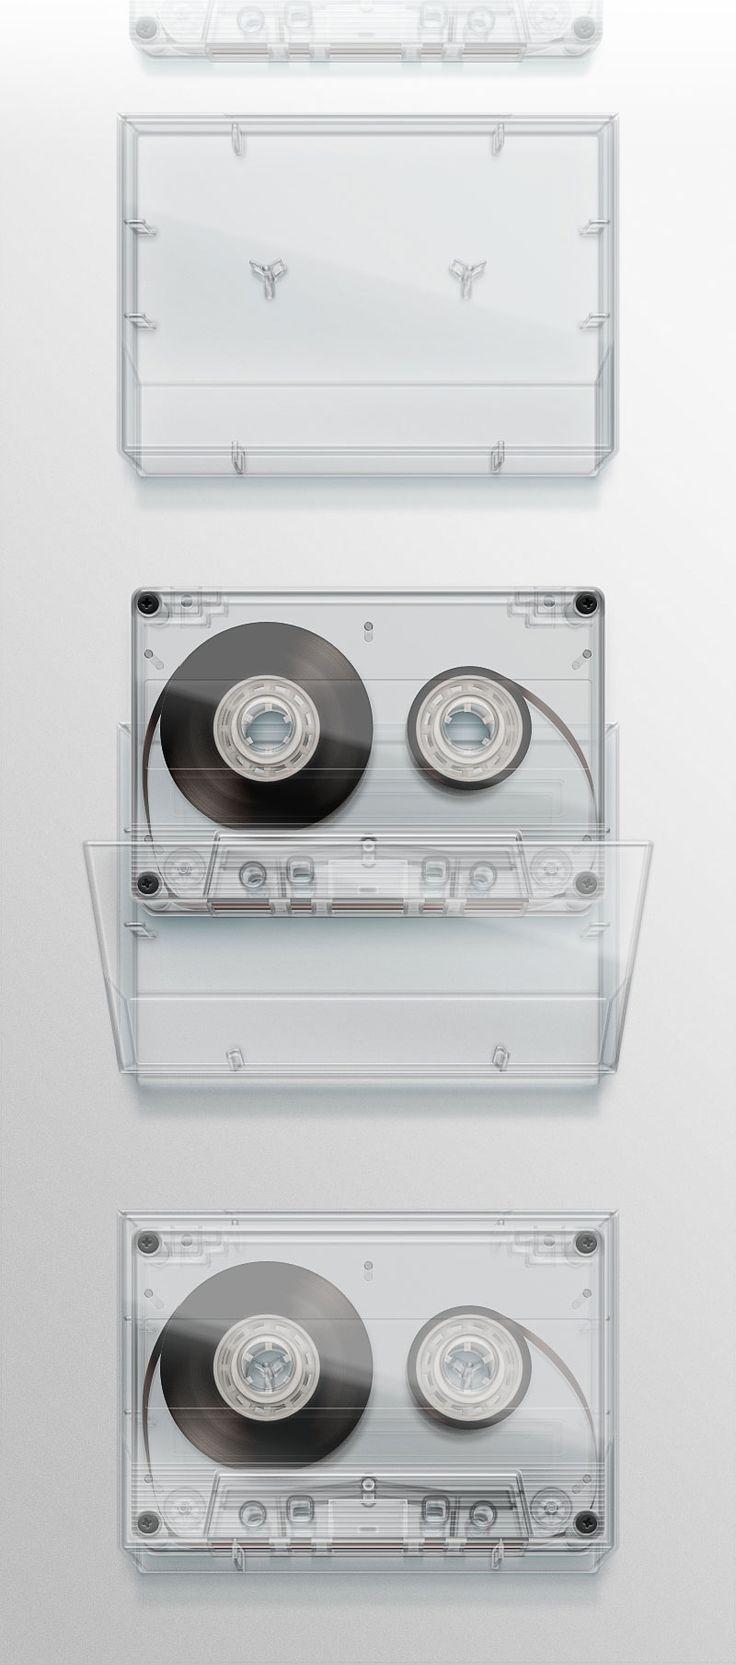 Cassette player full